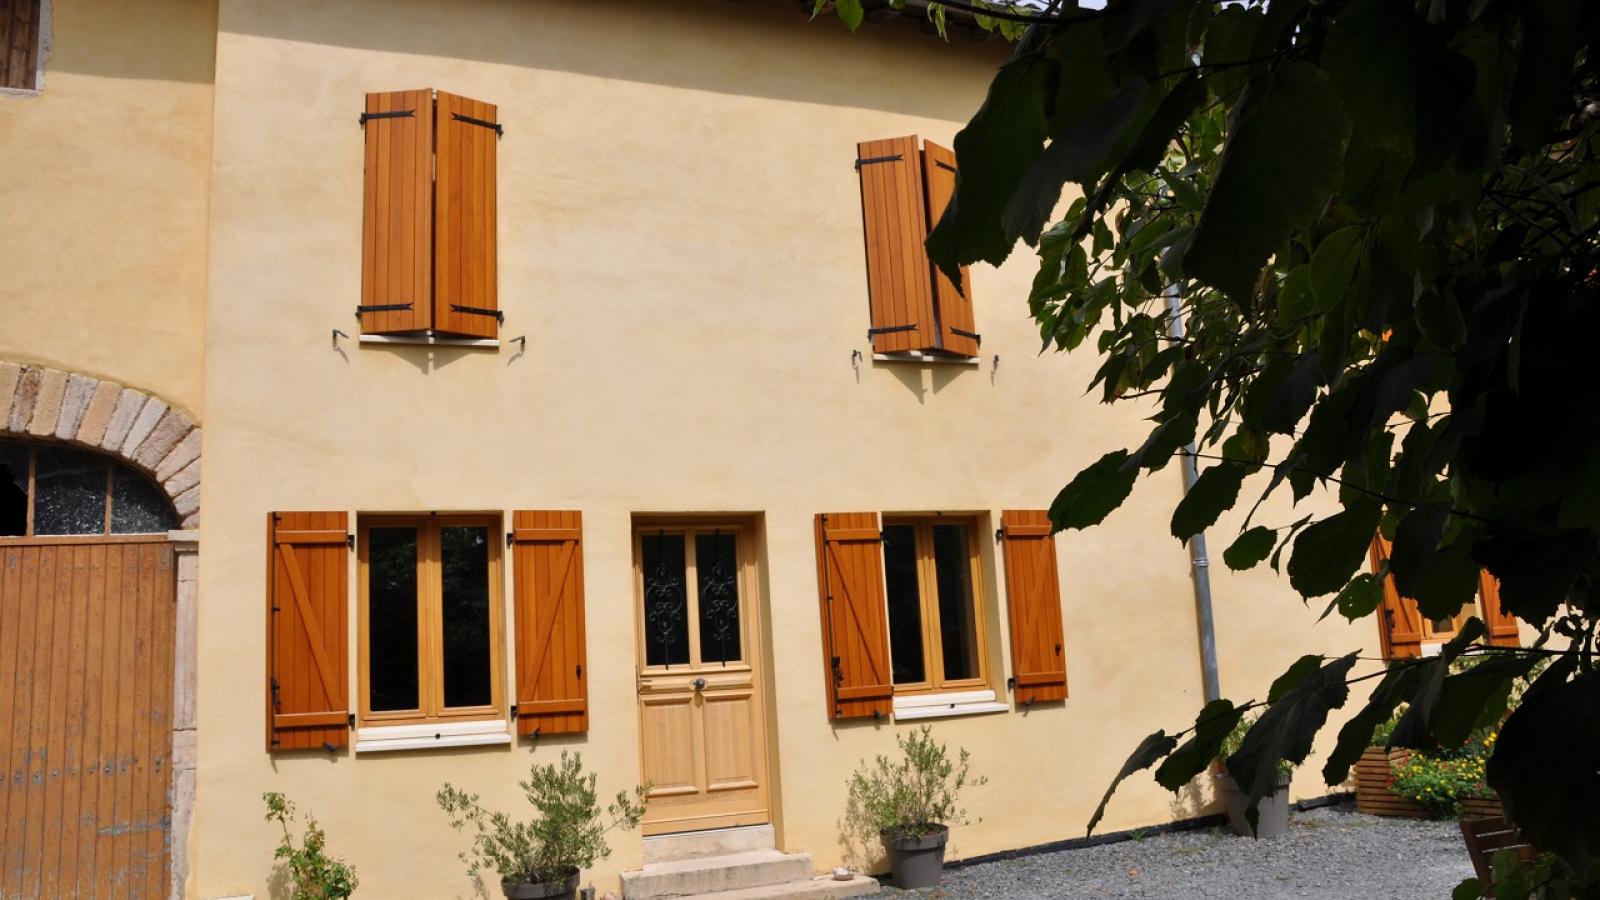 Chambres d'Hôtes 'Domaine aux 4 Temps' à Villié-Morgon (Rhône-Beaujolais) : la maison.